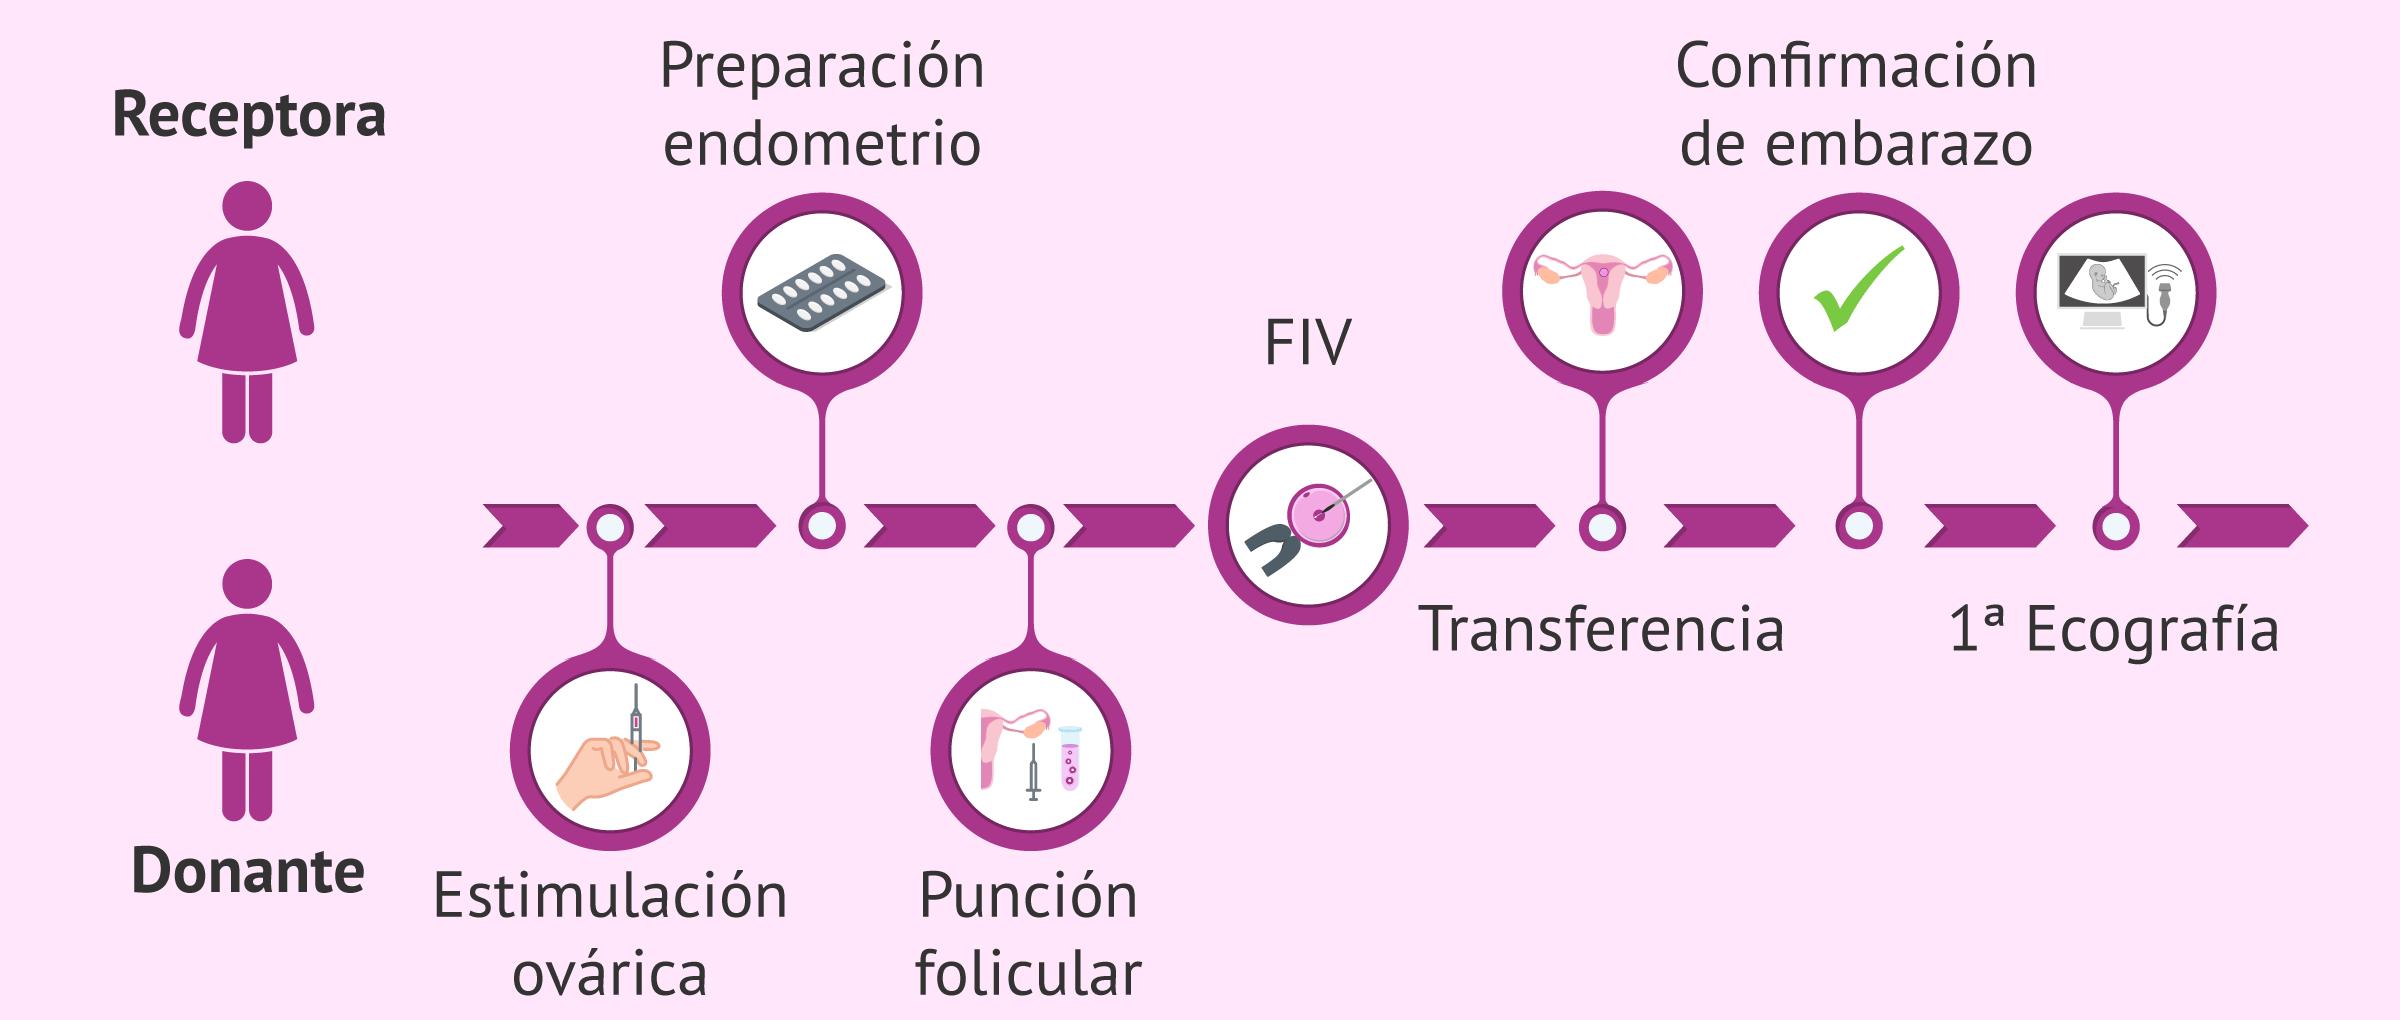 FIV con ovodonación